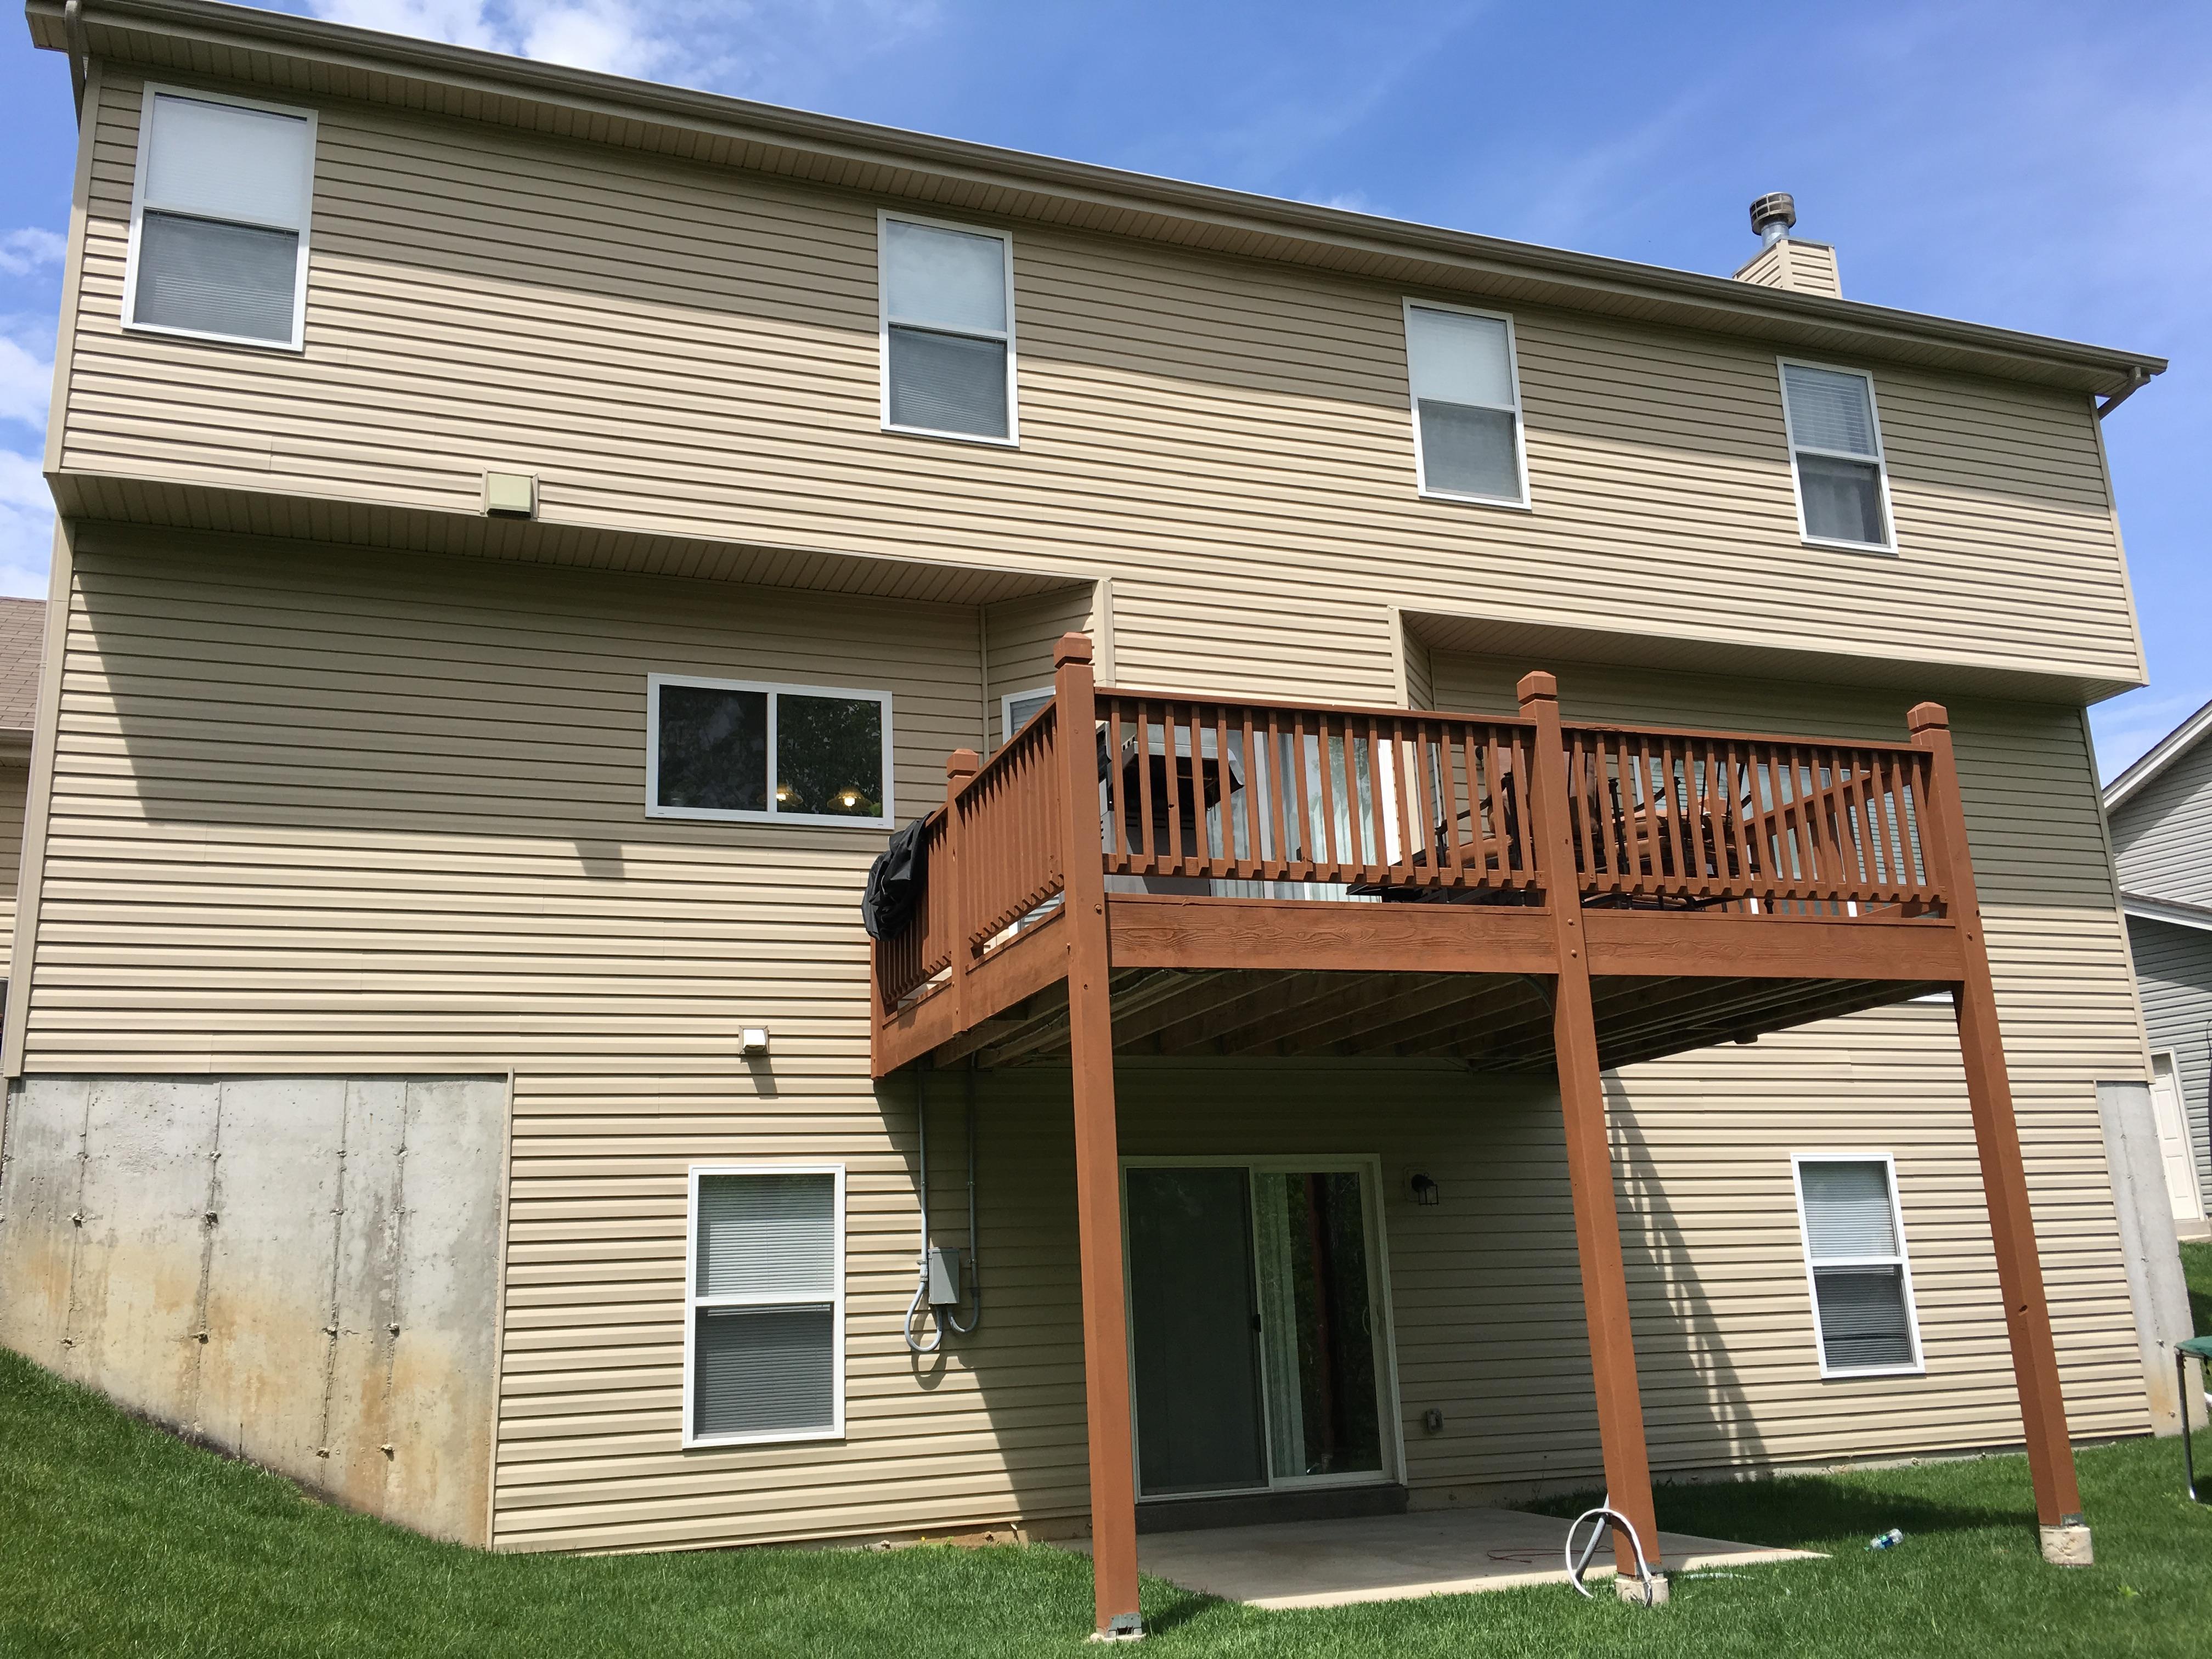 Photo of 1024 Sable Lane, Arnold, MO, 63010